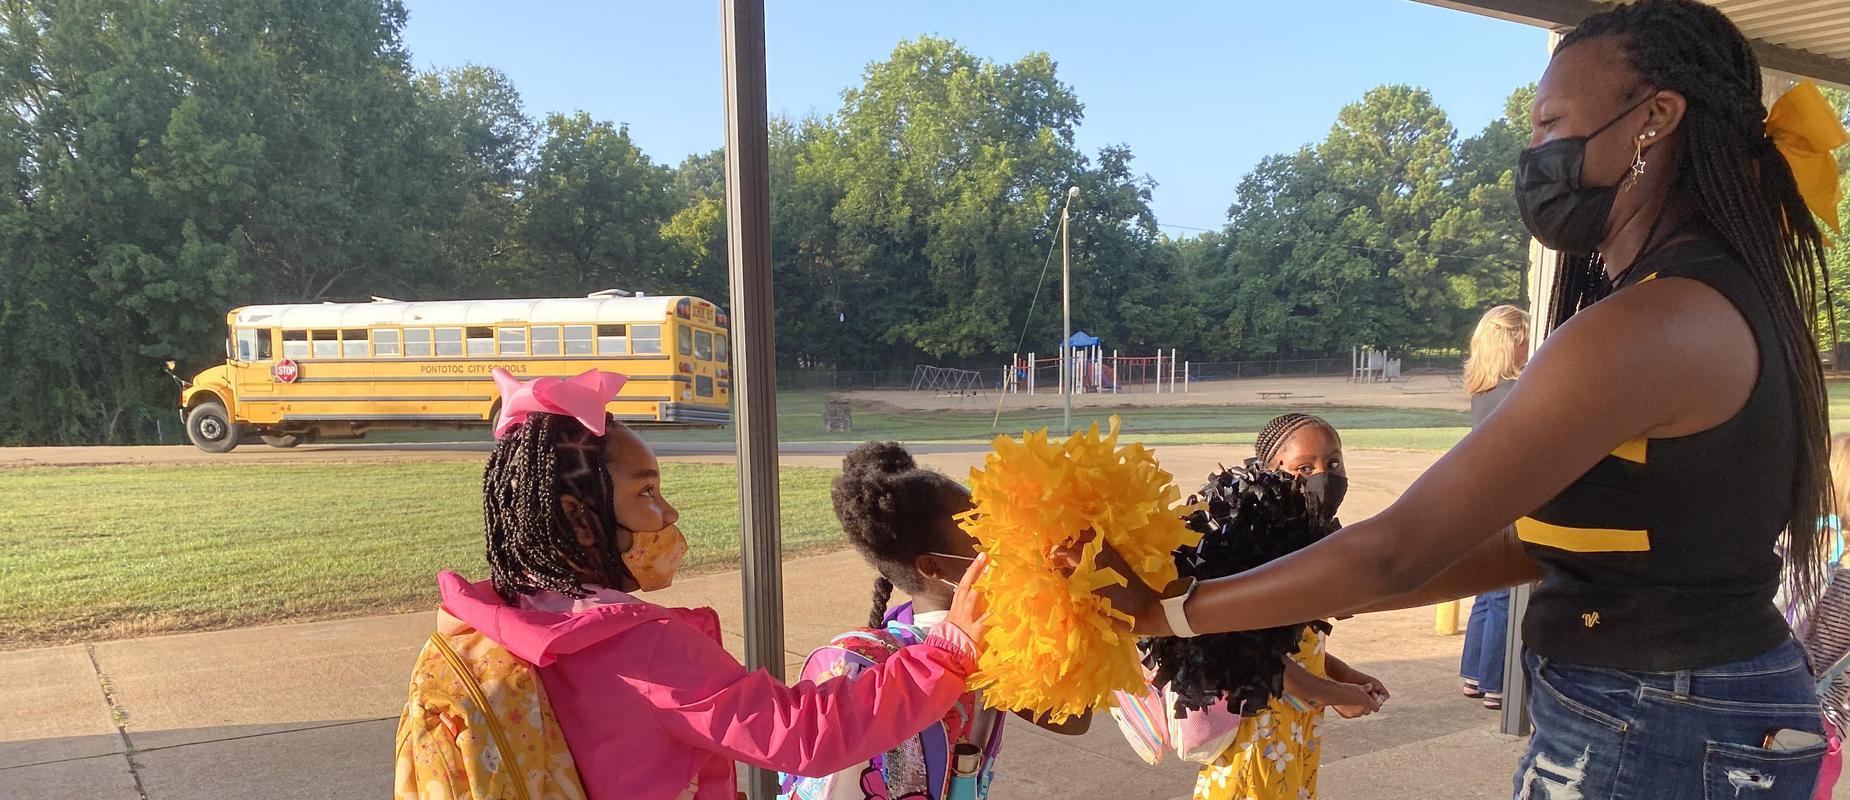 PHS cheerleader visits elementary school